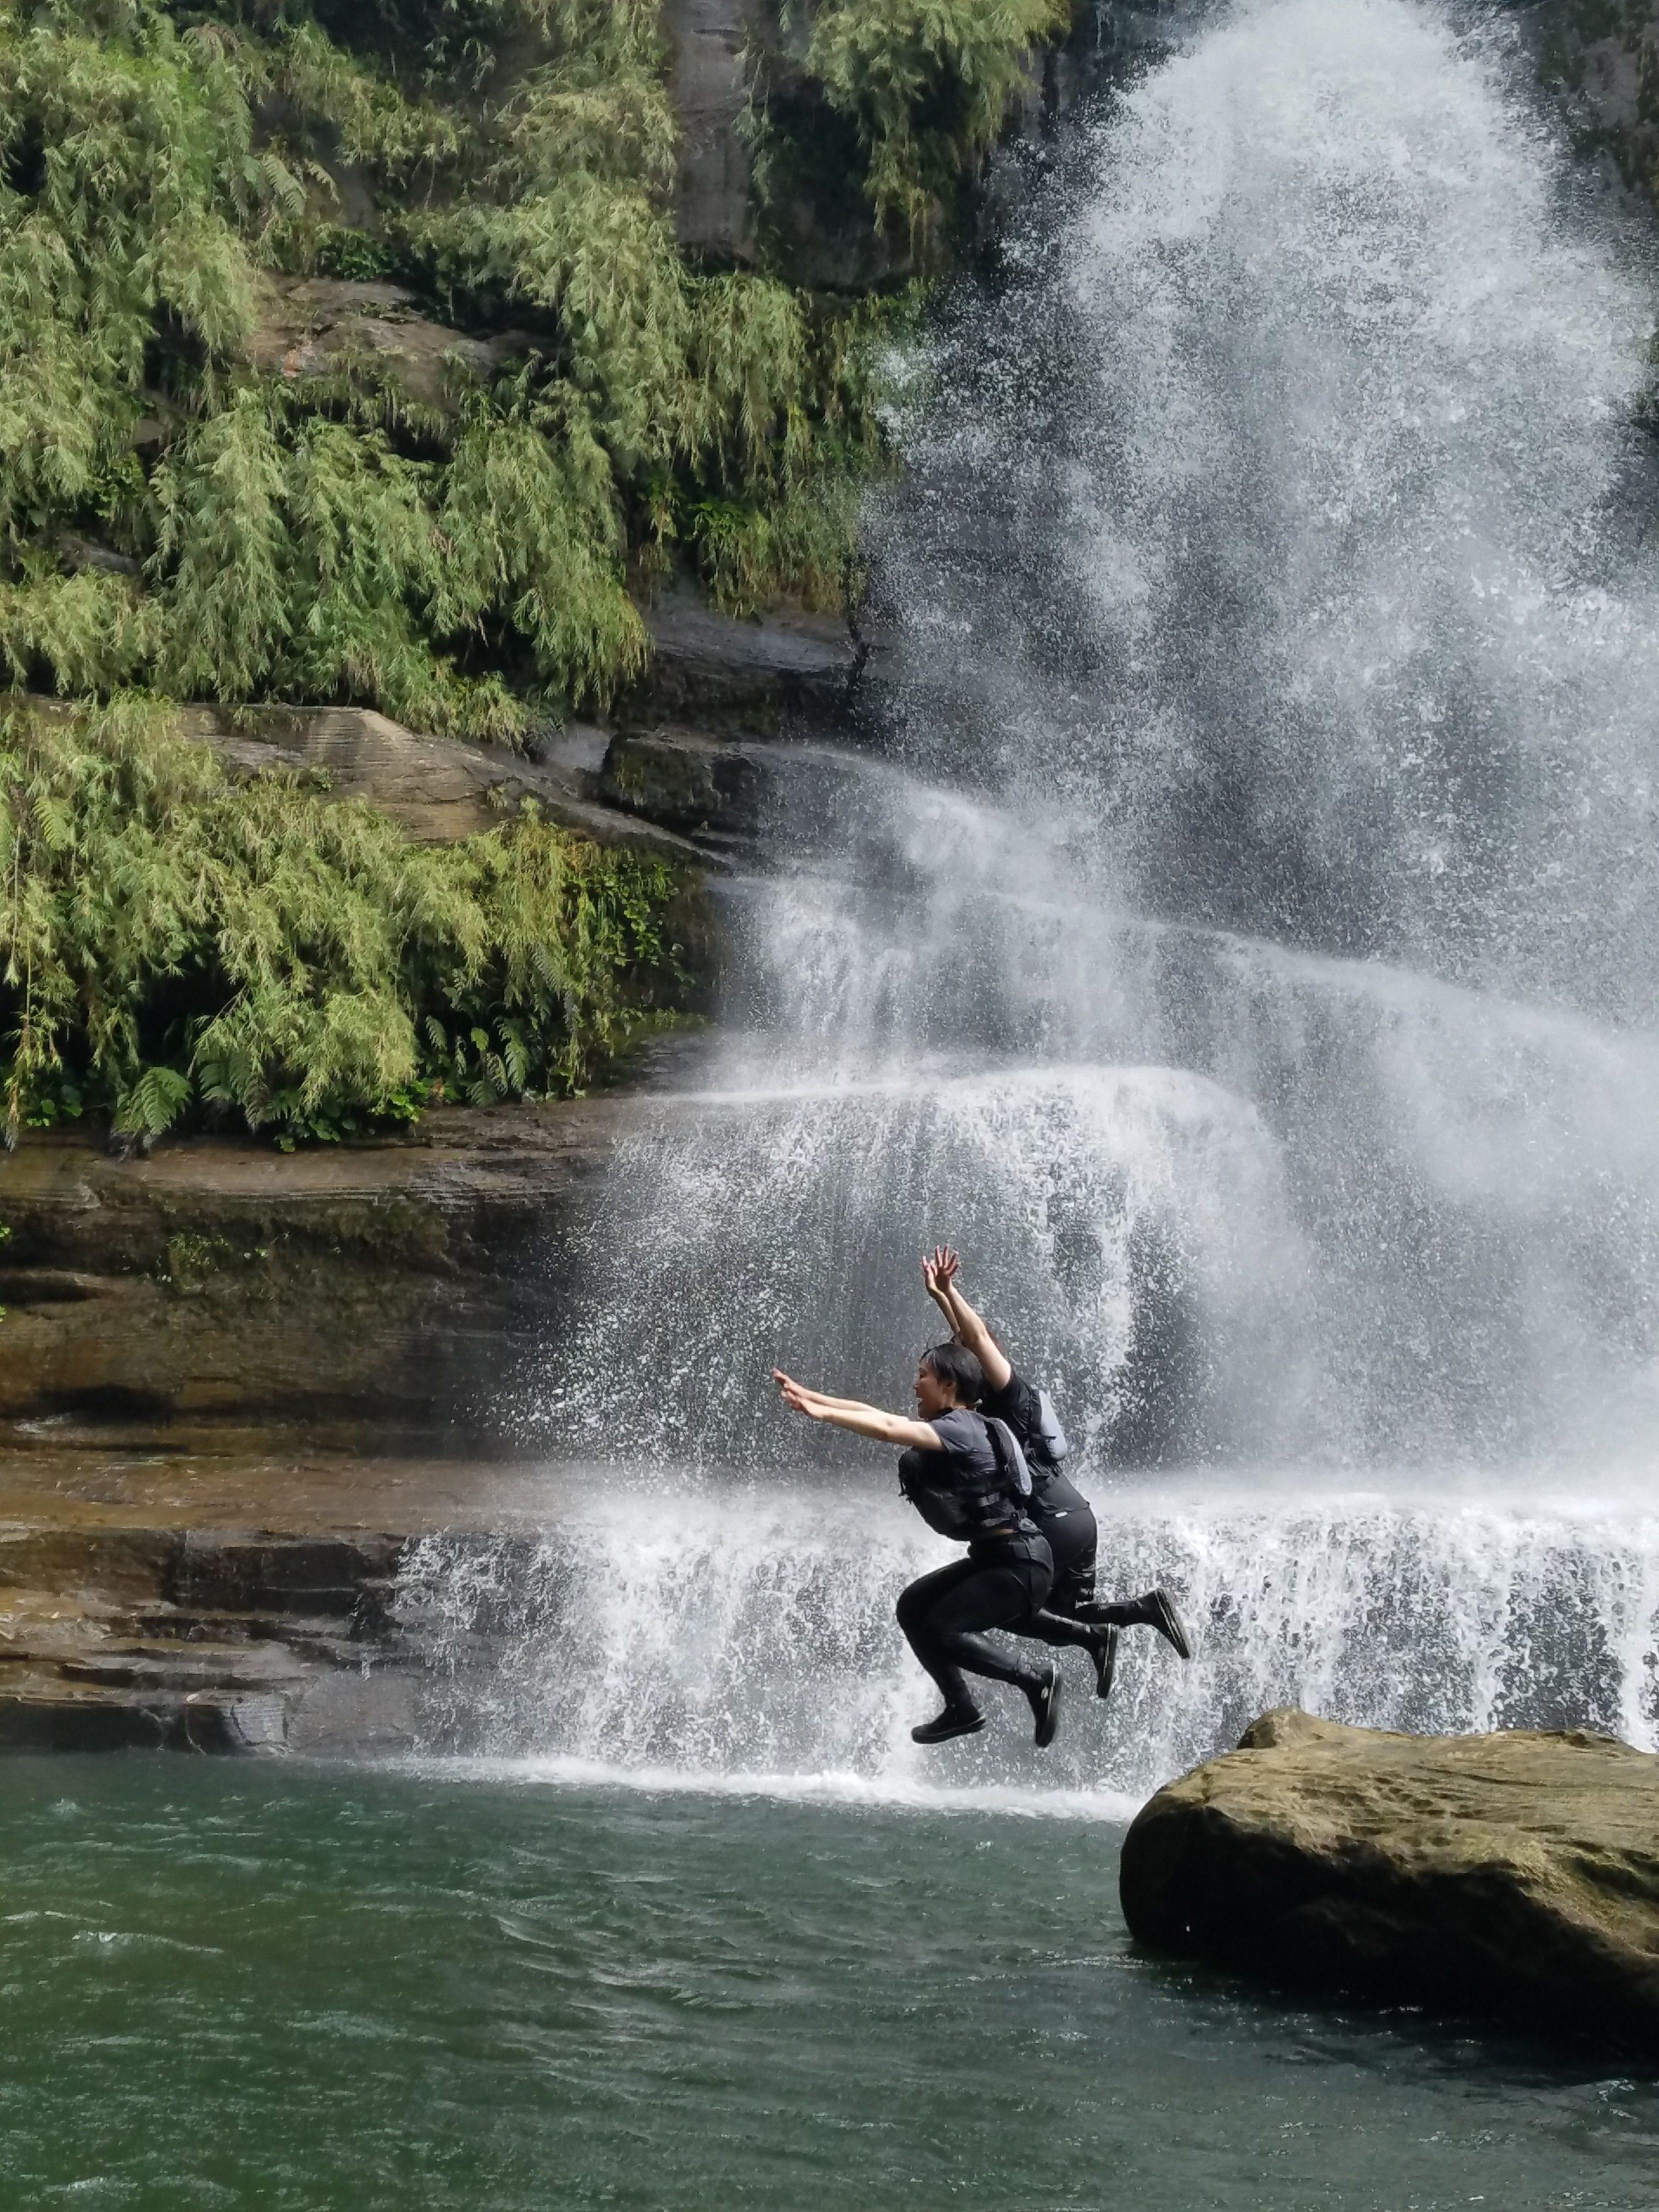 ナーラの滝カヤック&トレッキング